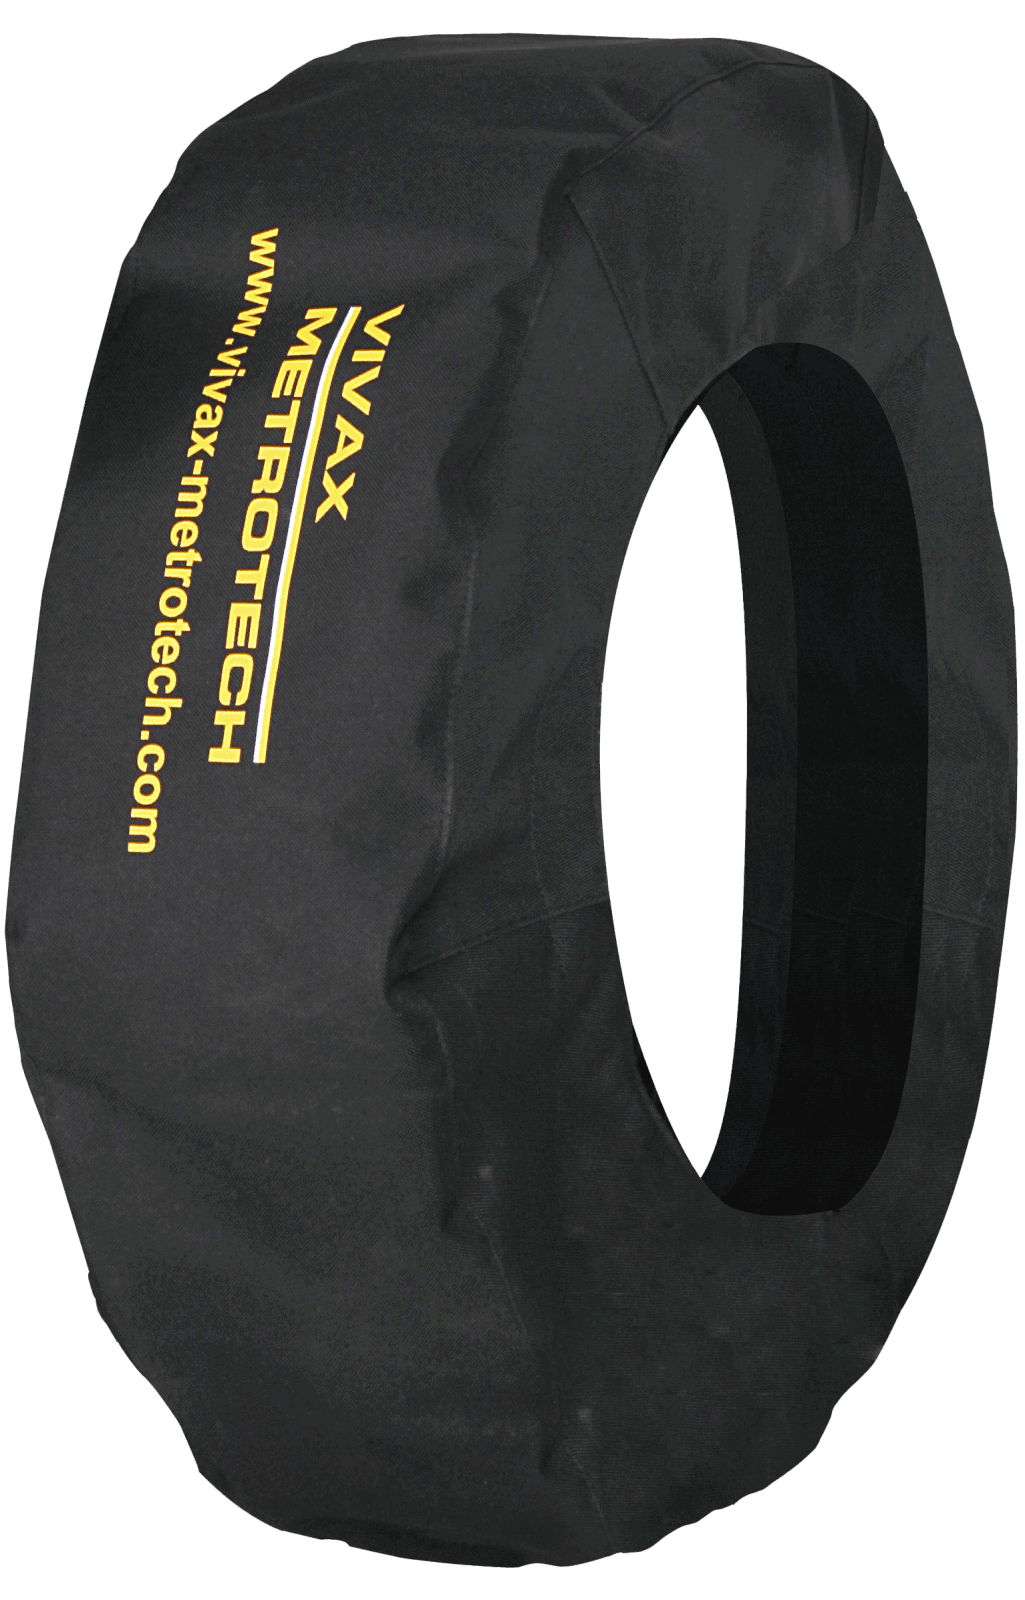 Reel Drip Bags